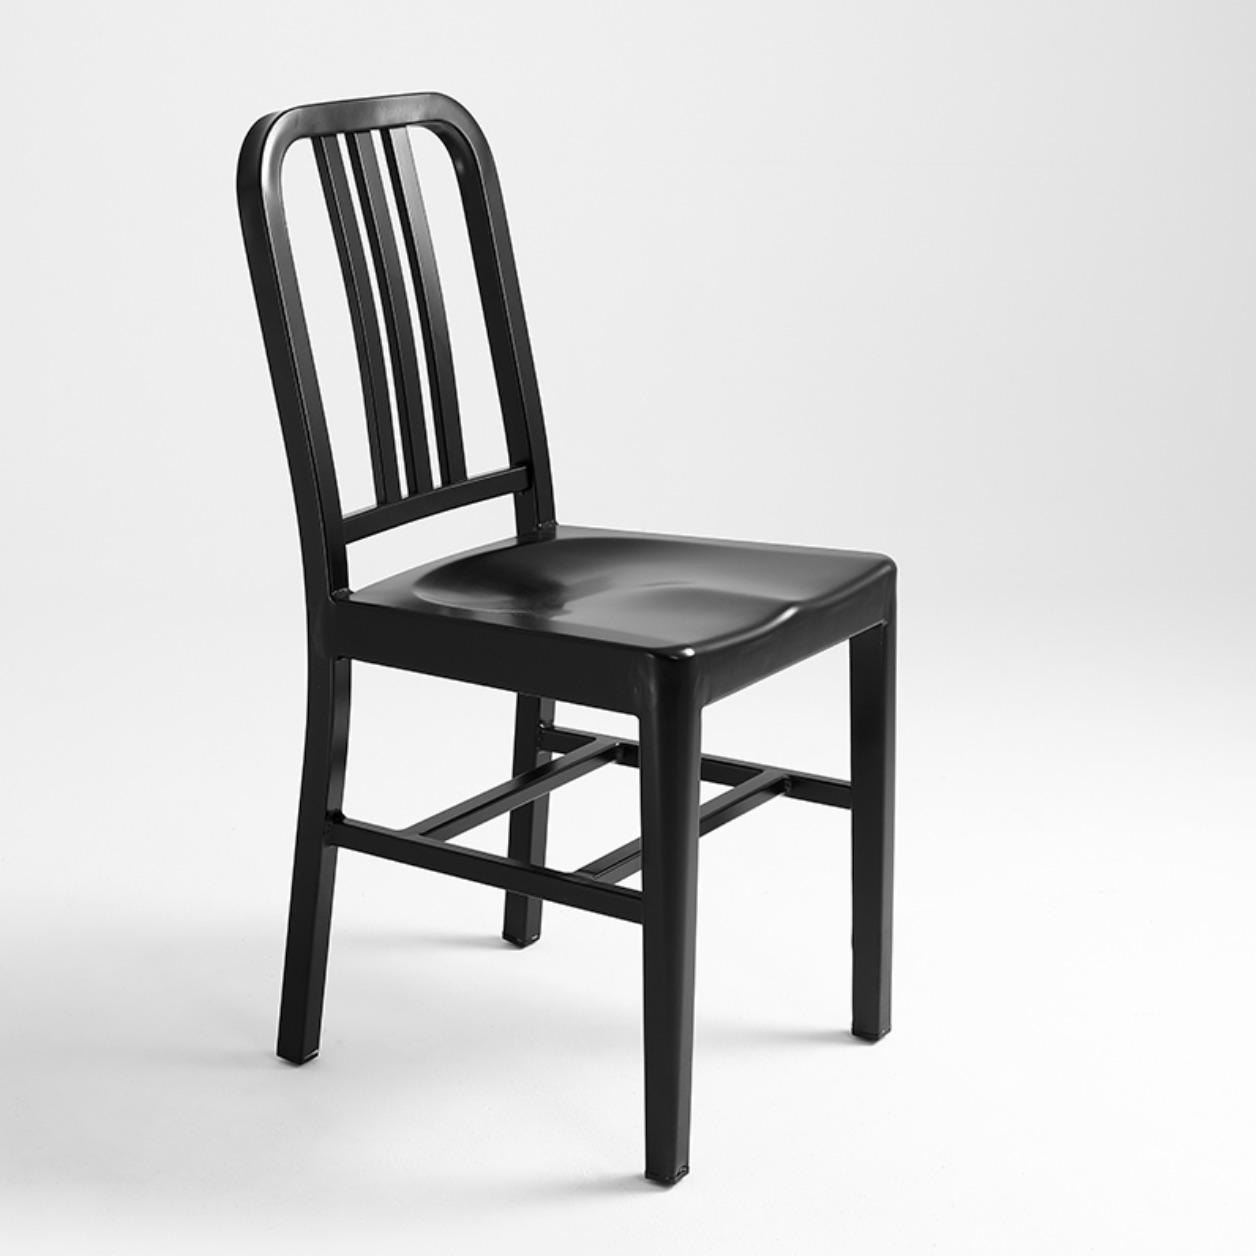 Fjord stol | Utestol, Utendørsmøbler, Stol